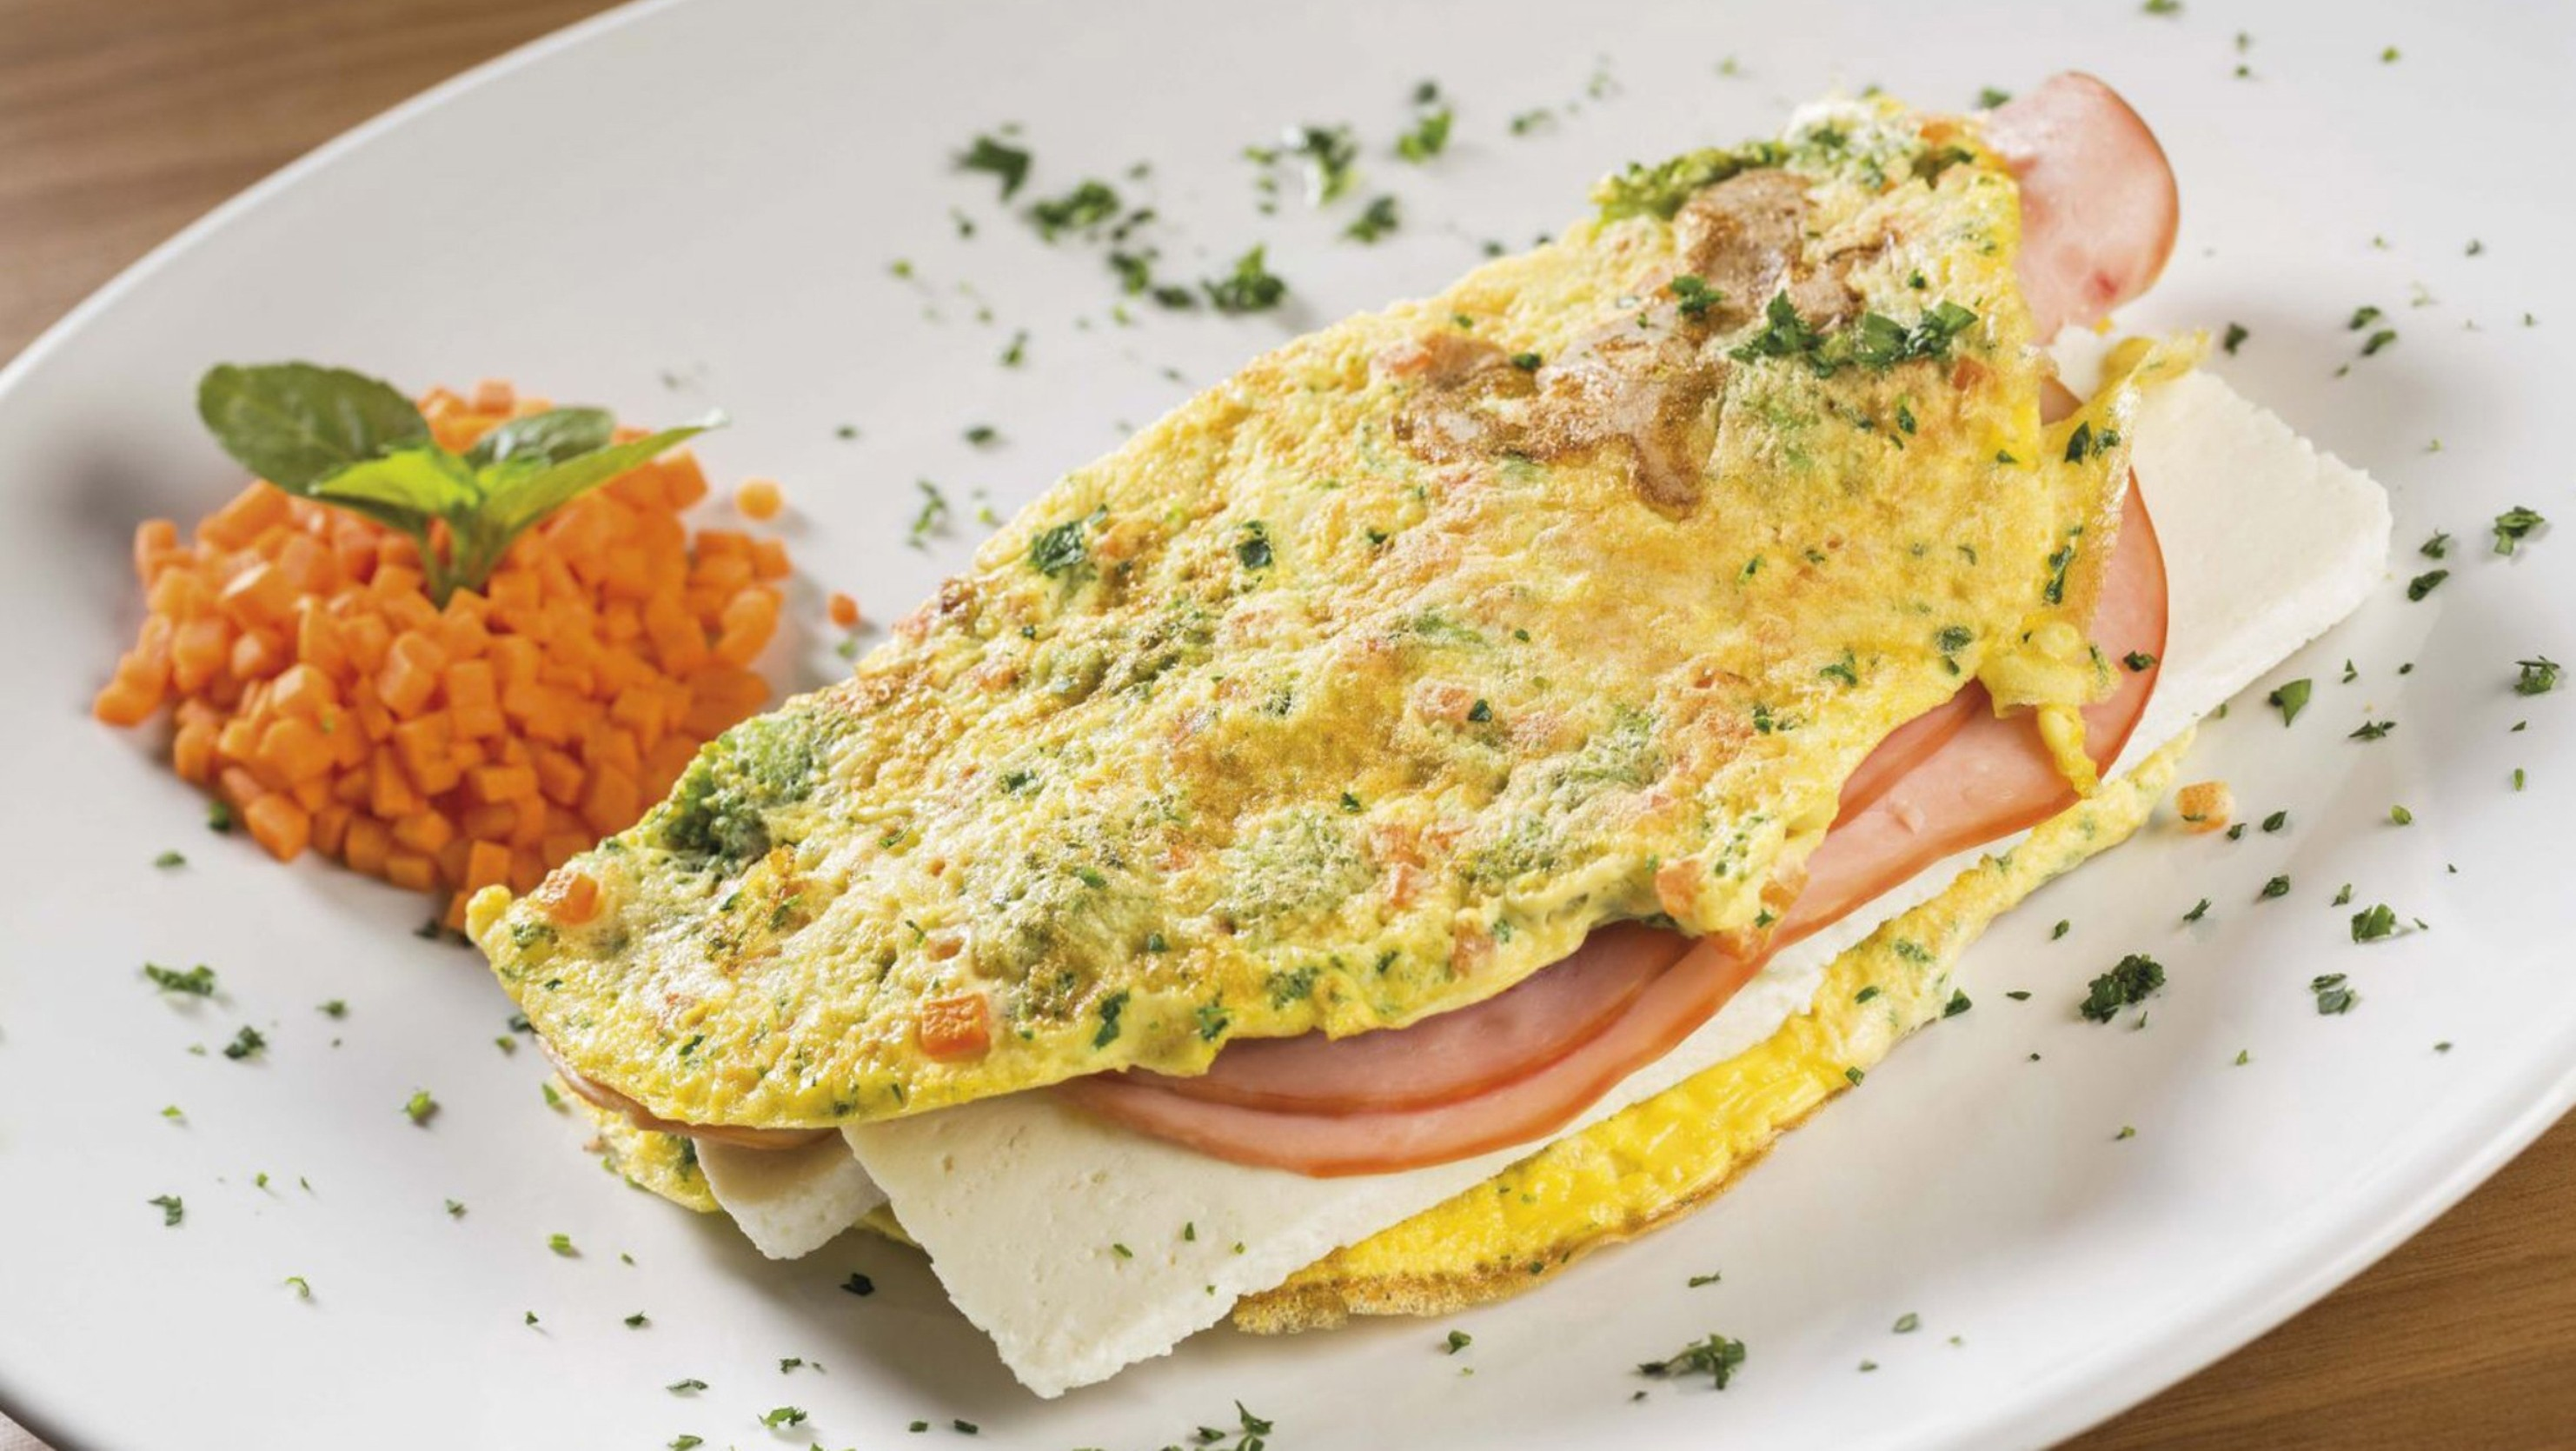 O omelete de forno (Foto: Divulgação)